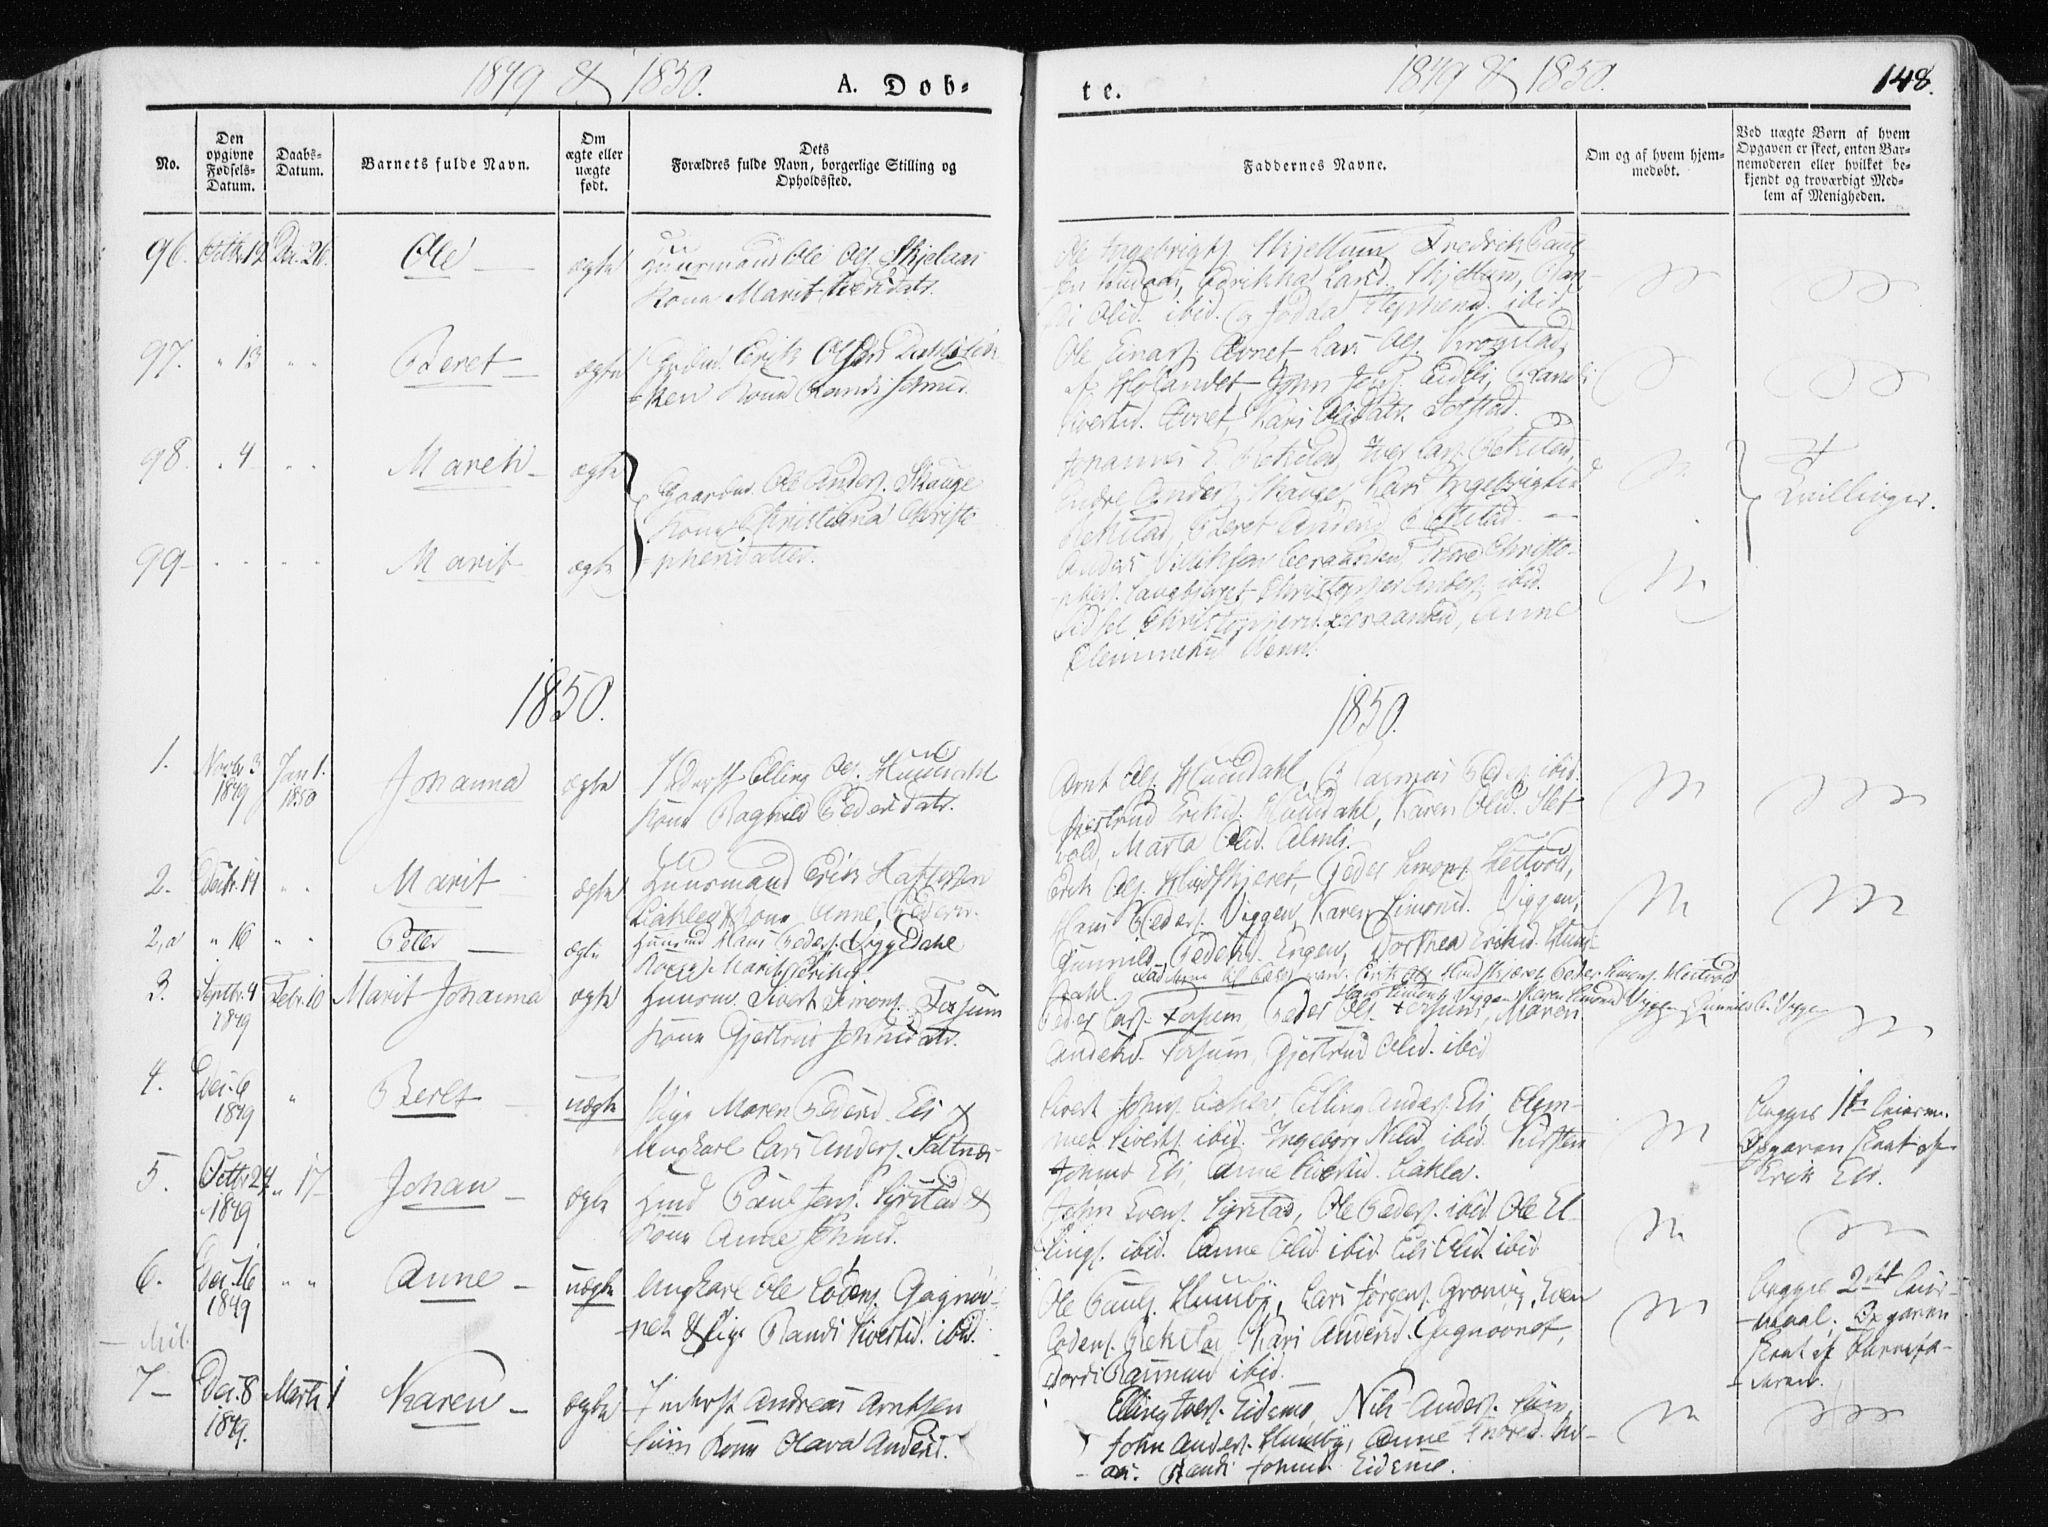 SAT, Ministerialprotokoller, klokkerbøker og fødselsregistre - Sør-Trøndelag, 665/L0771: Ministerialbok nr. 665A06, 1830-1856, s. 148